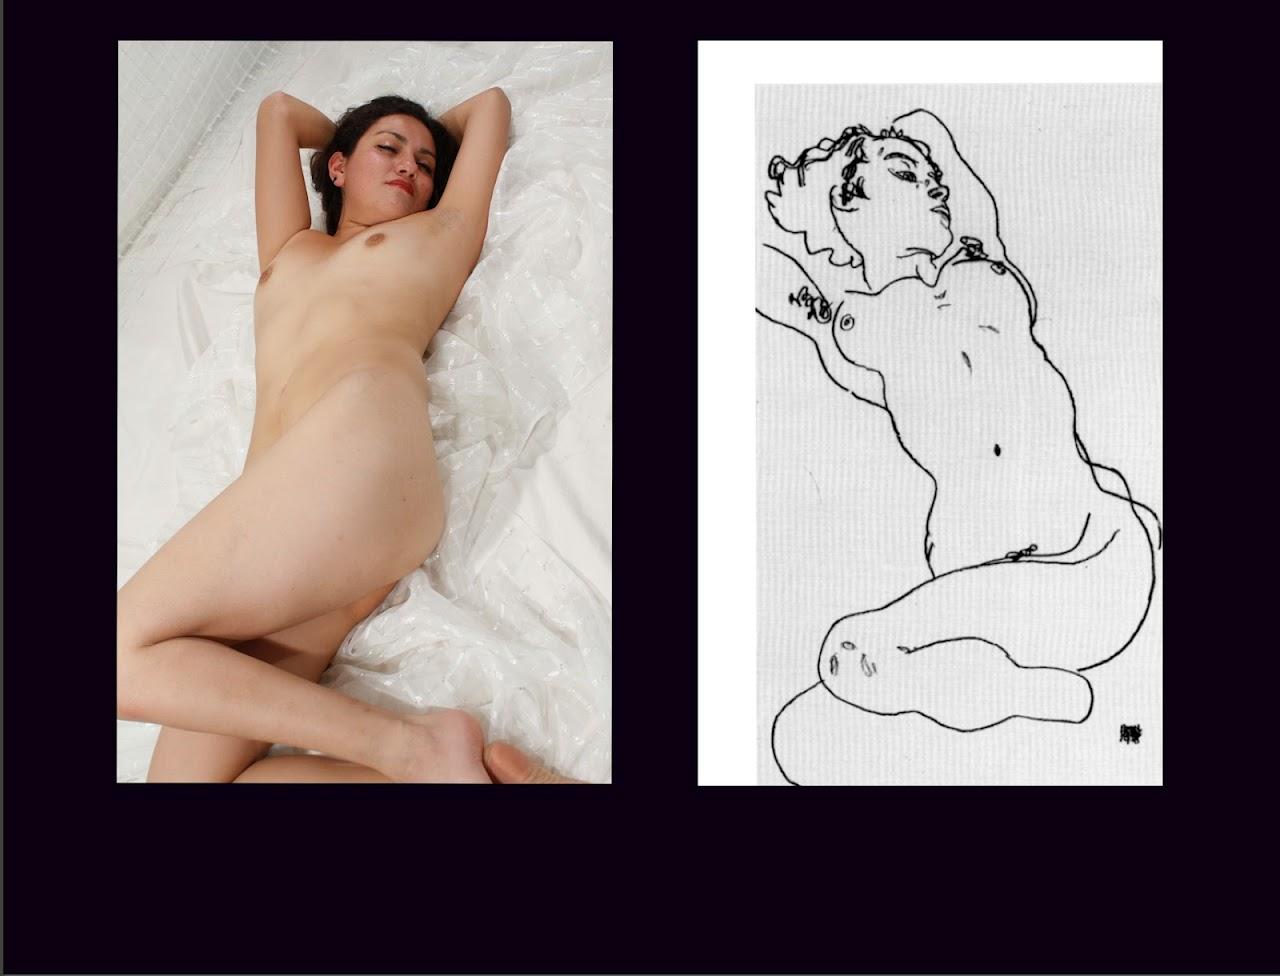 http://4.bp.blogspot.com/-KtlYZTaaQAc/T9V6Zhx1eSI/AAAAAAAAAQk/o8j7xYa0Mjg/s1600/Schiele+2.jpg